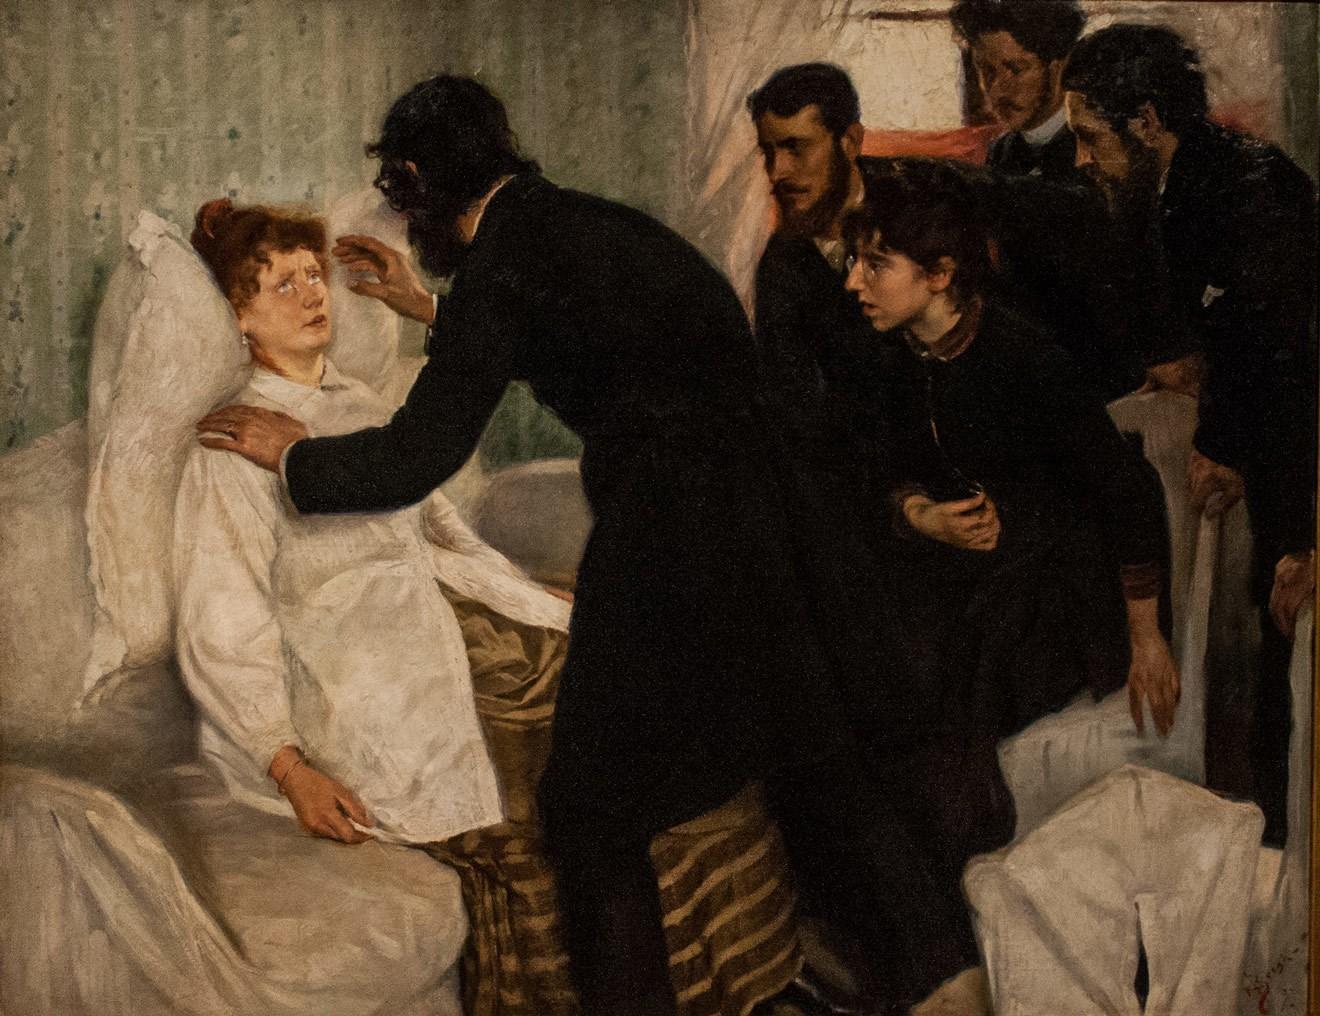 Ричард Берг. Сеанс гипноза. 1887 годNationalmuseum, Stockholm